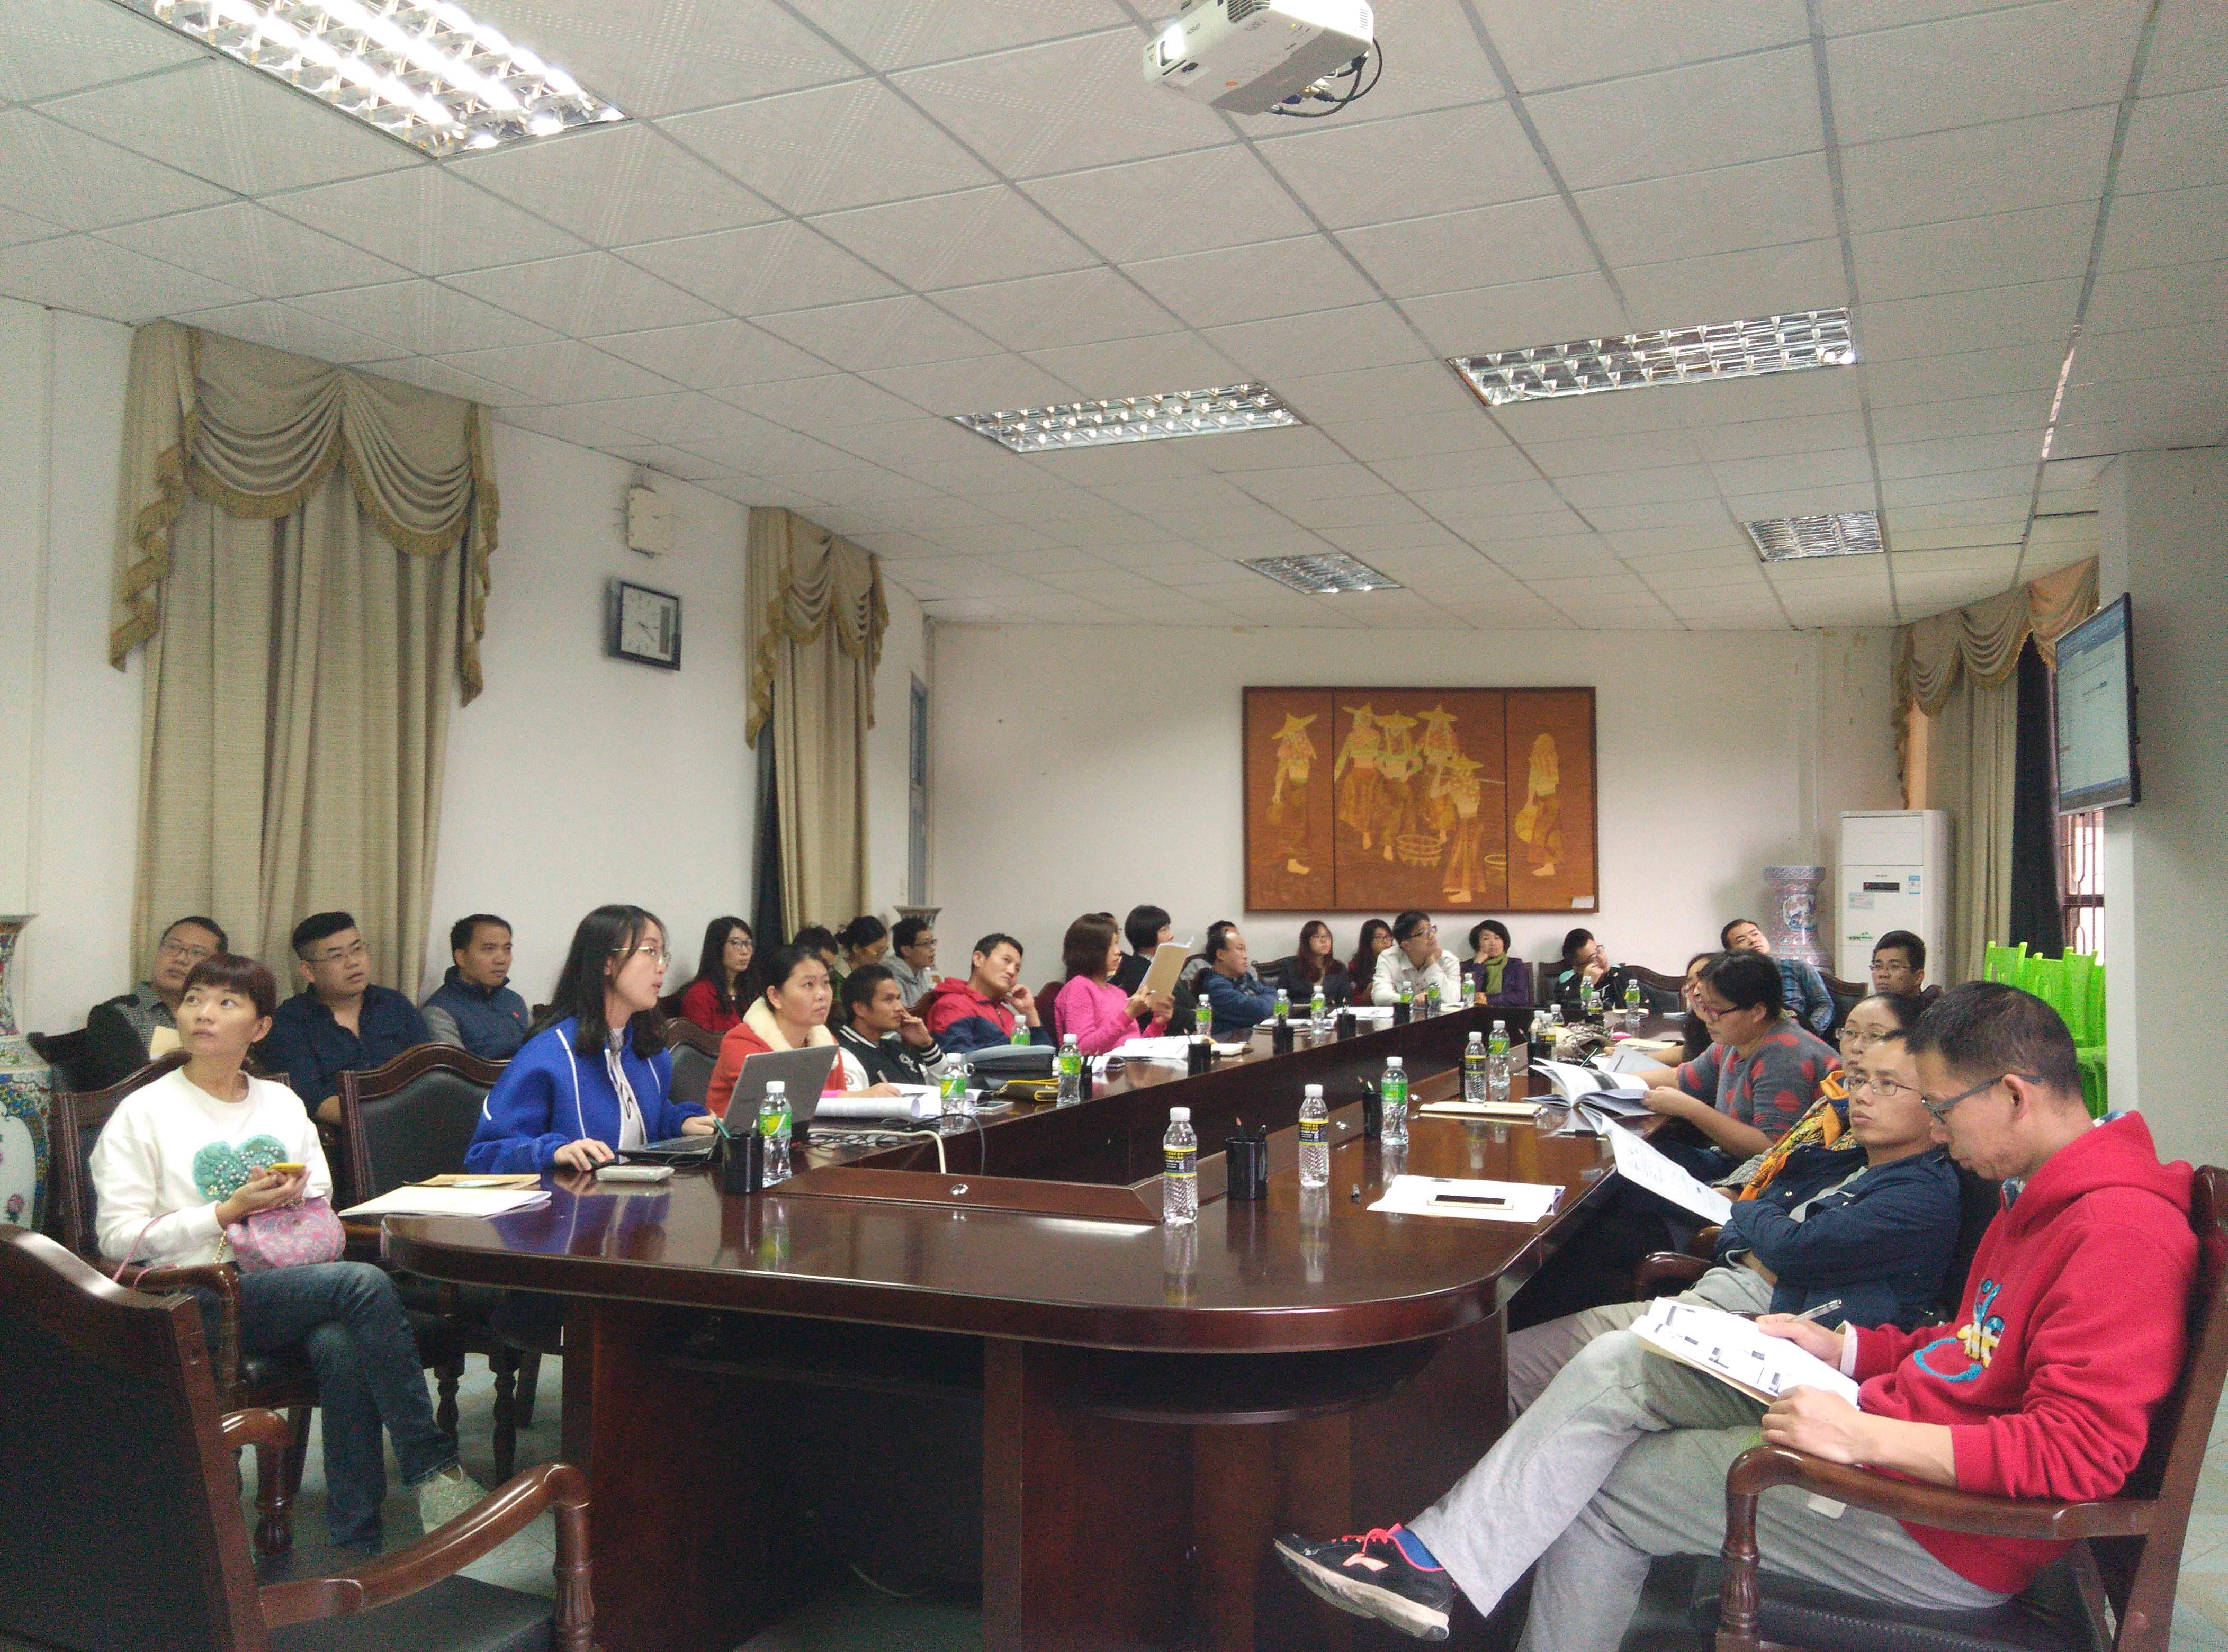 教务处举办网络教学平台操作培训会